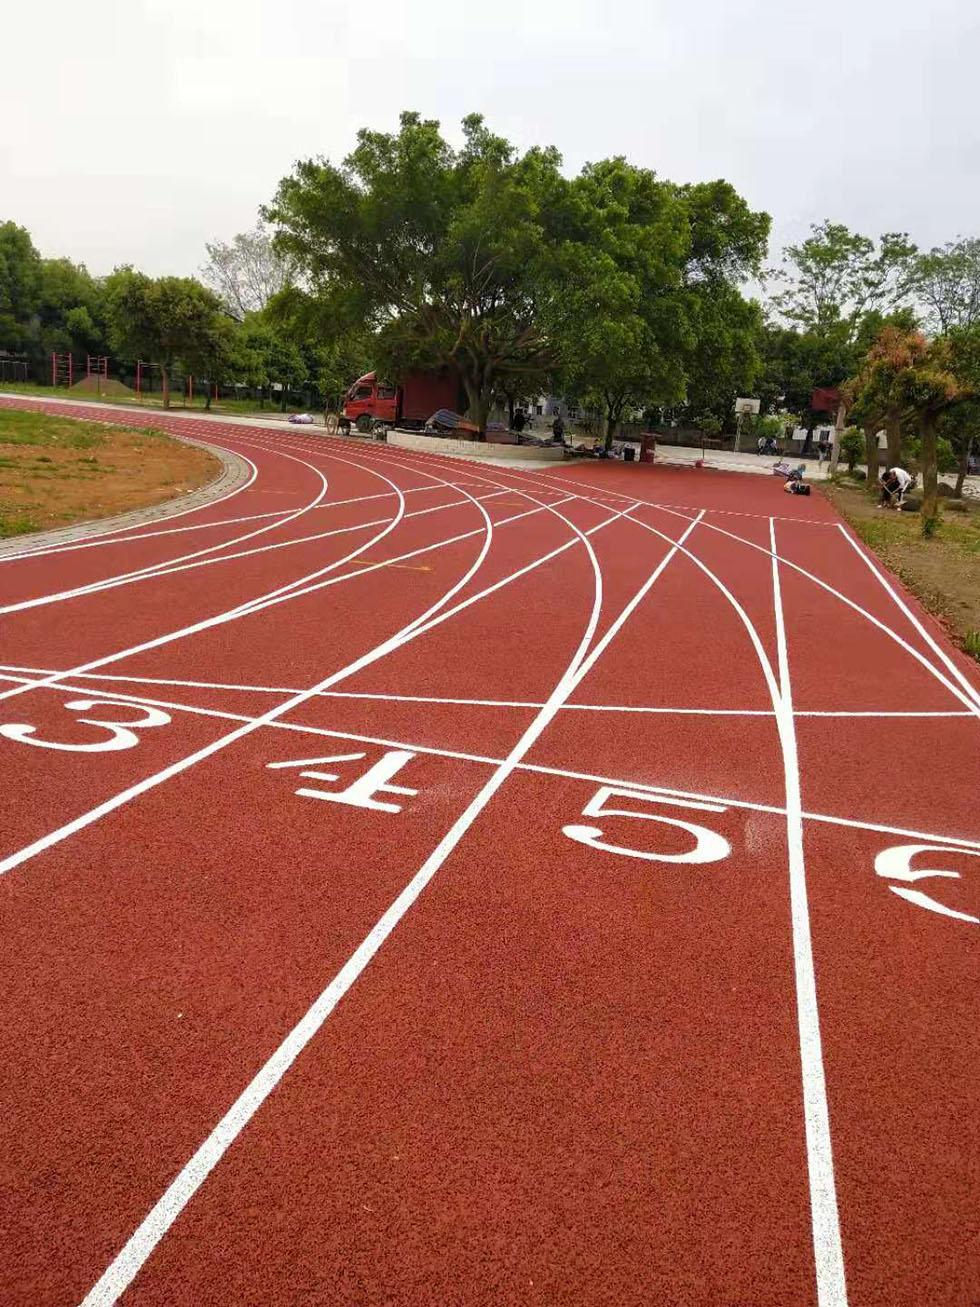 奥宏提供混合型学校塑胶跑道材料 透气型跑道材料 复合型跑道材料